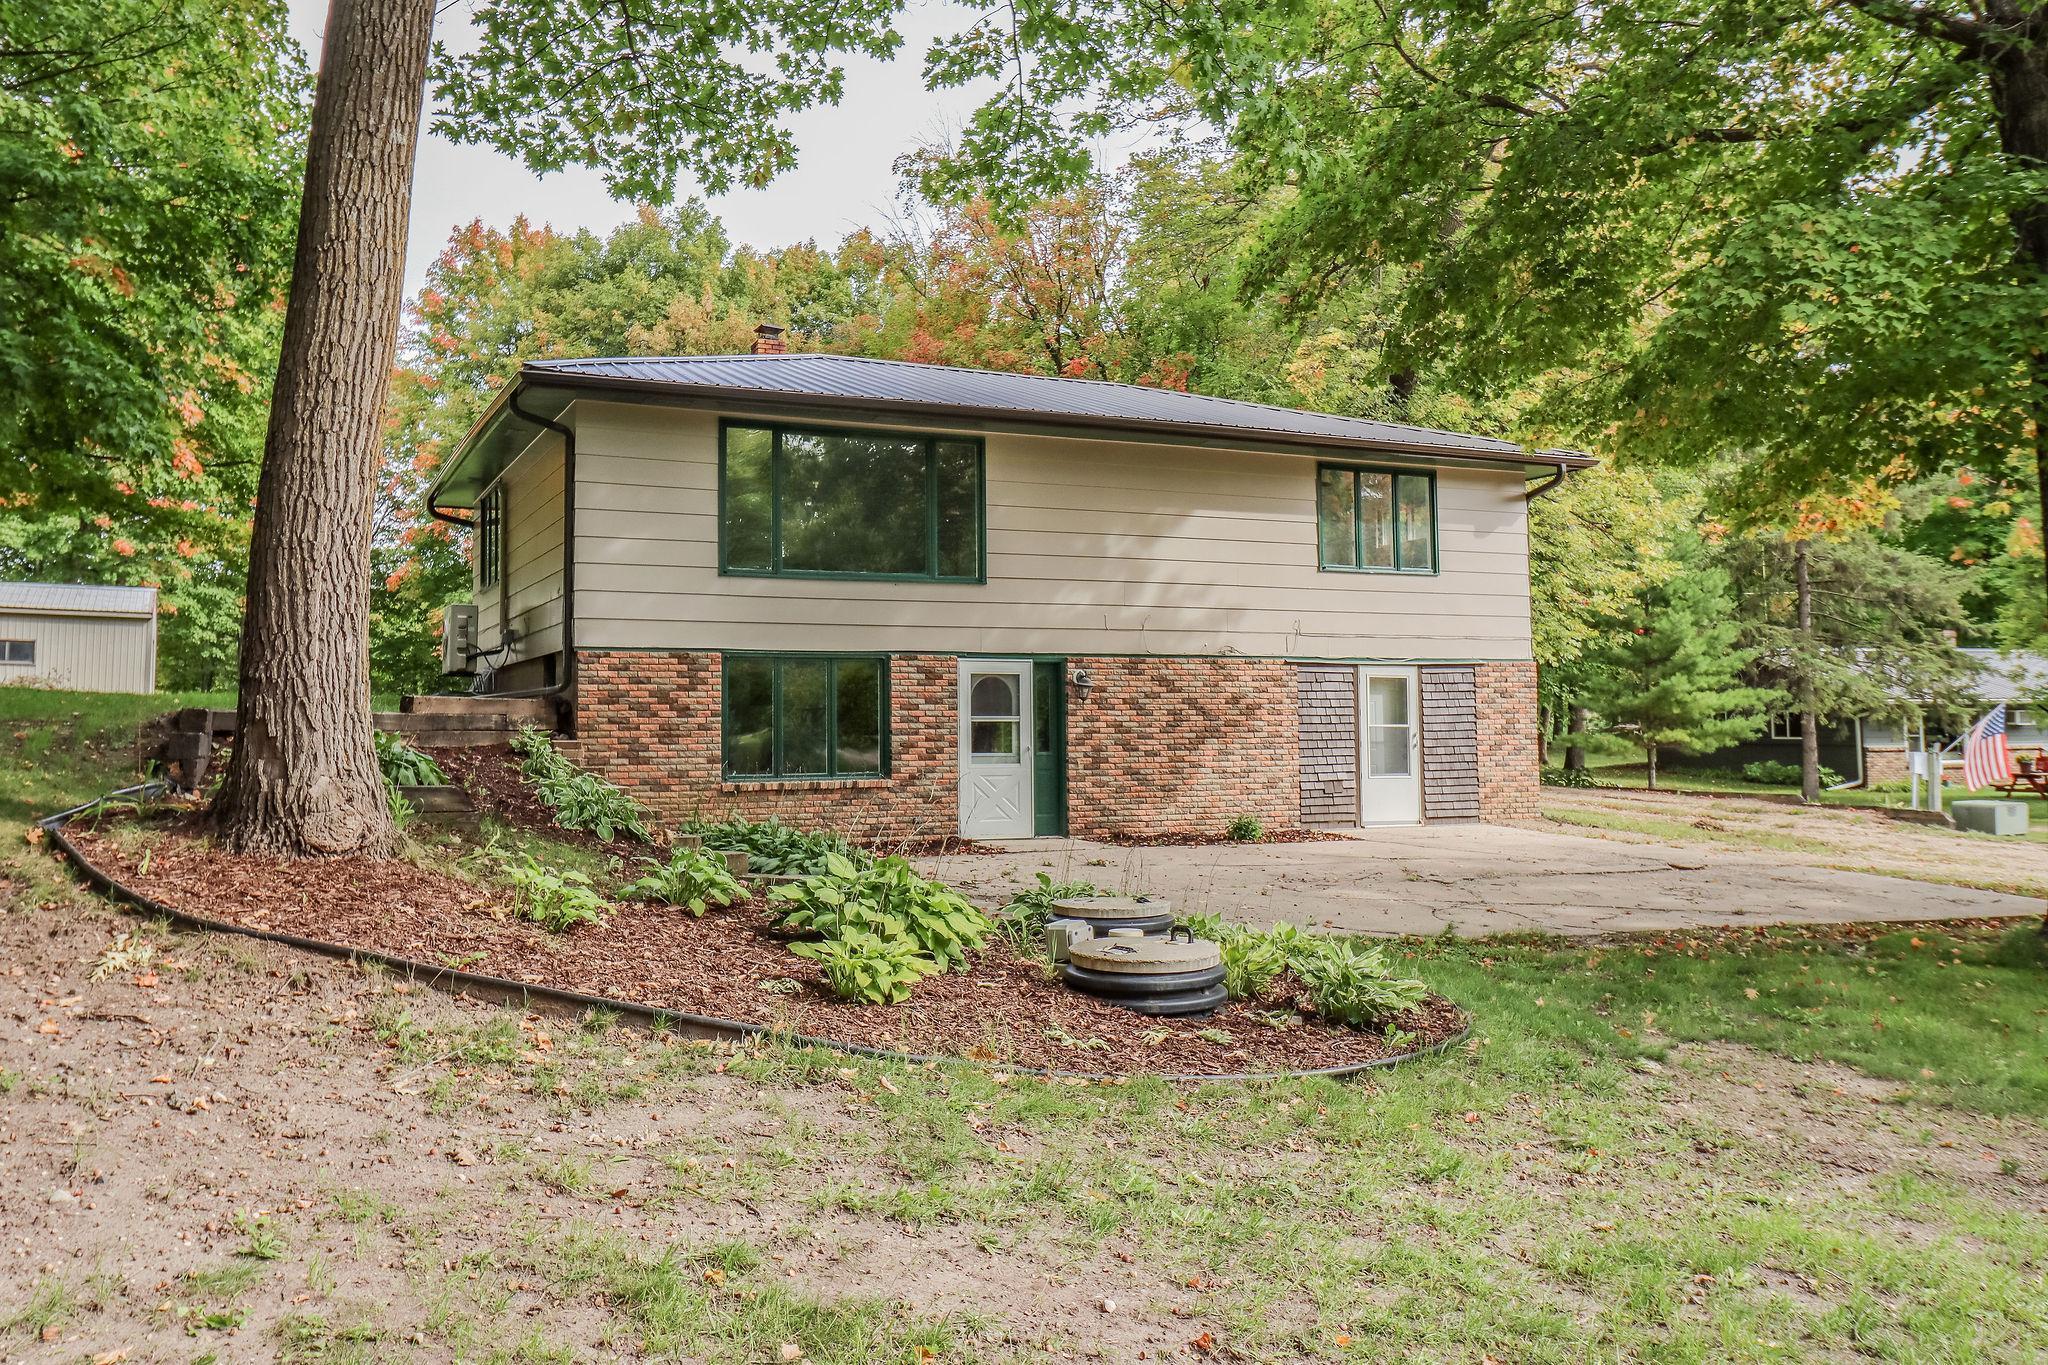 9842 Chippewa Heights Property Photo